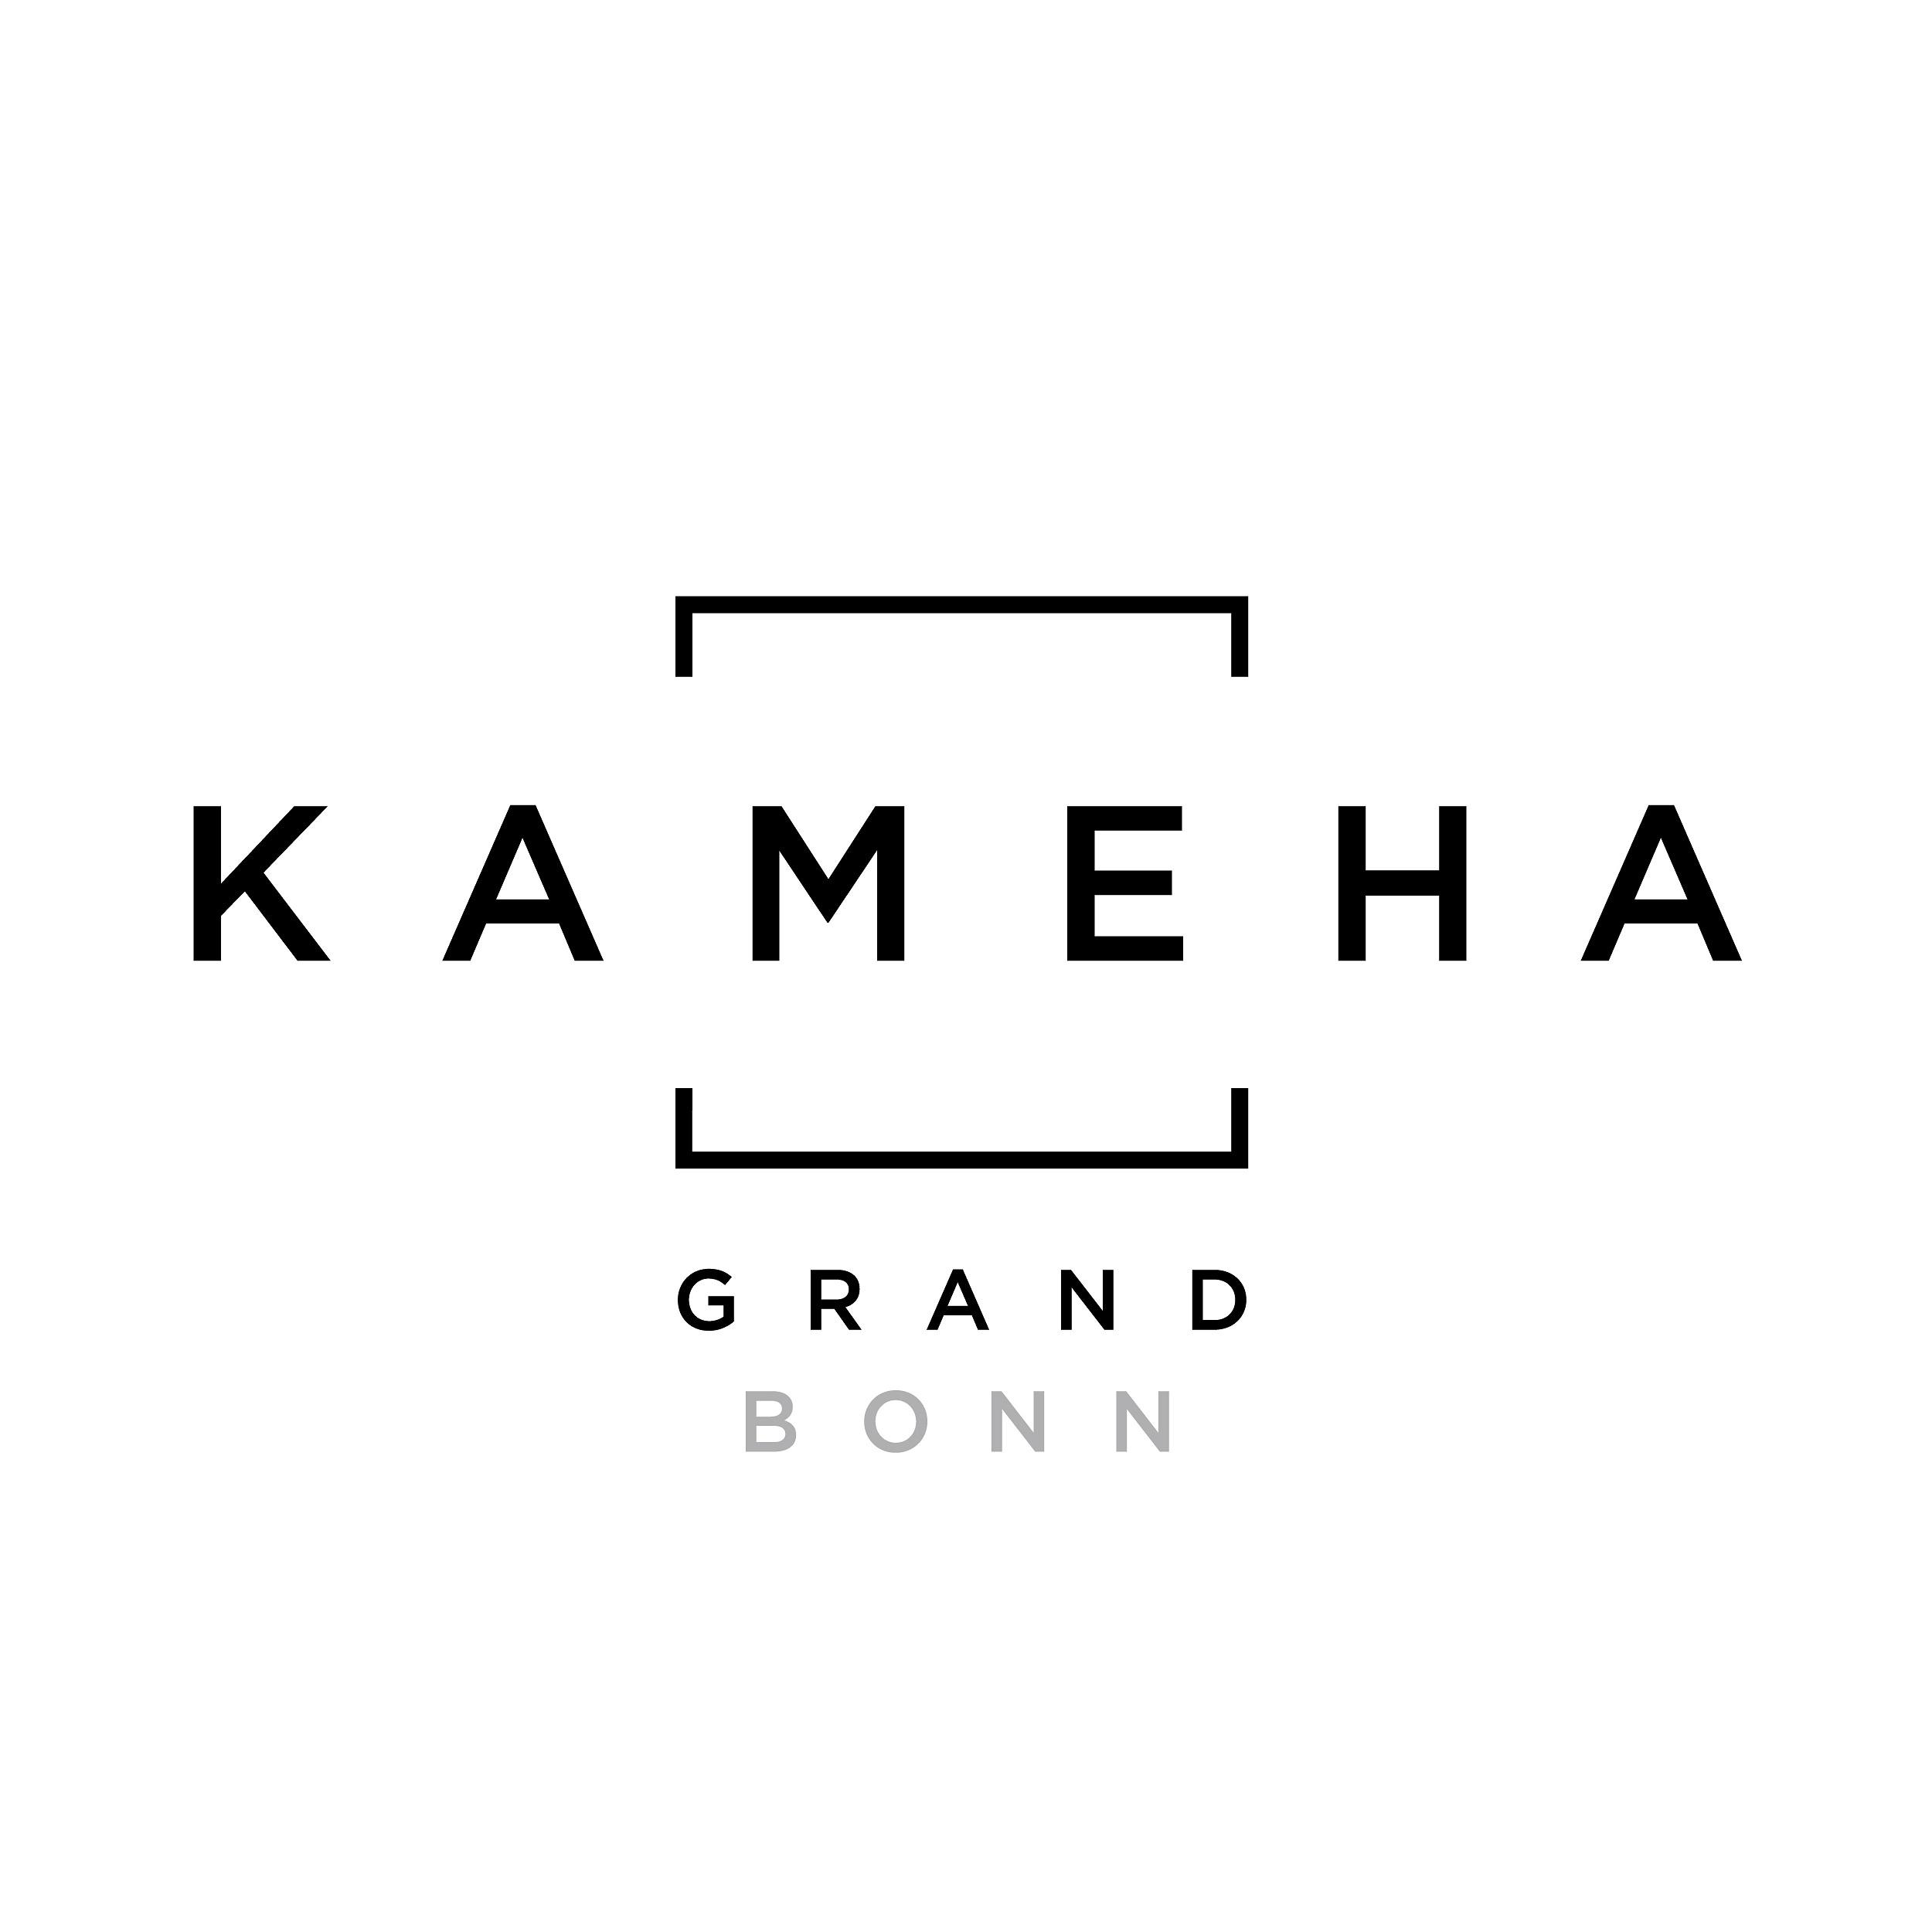 Kameha Grand